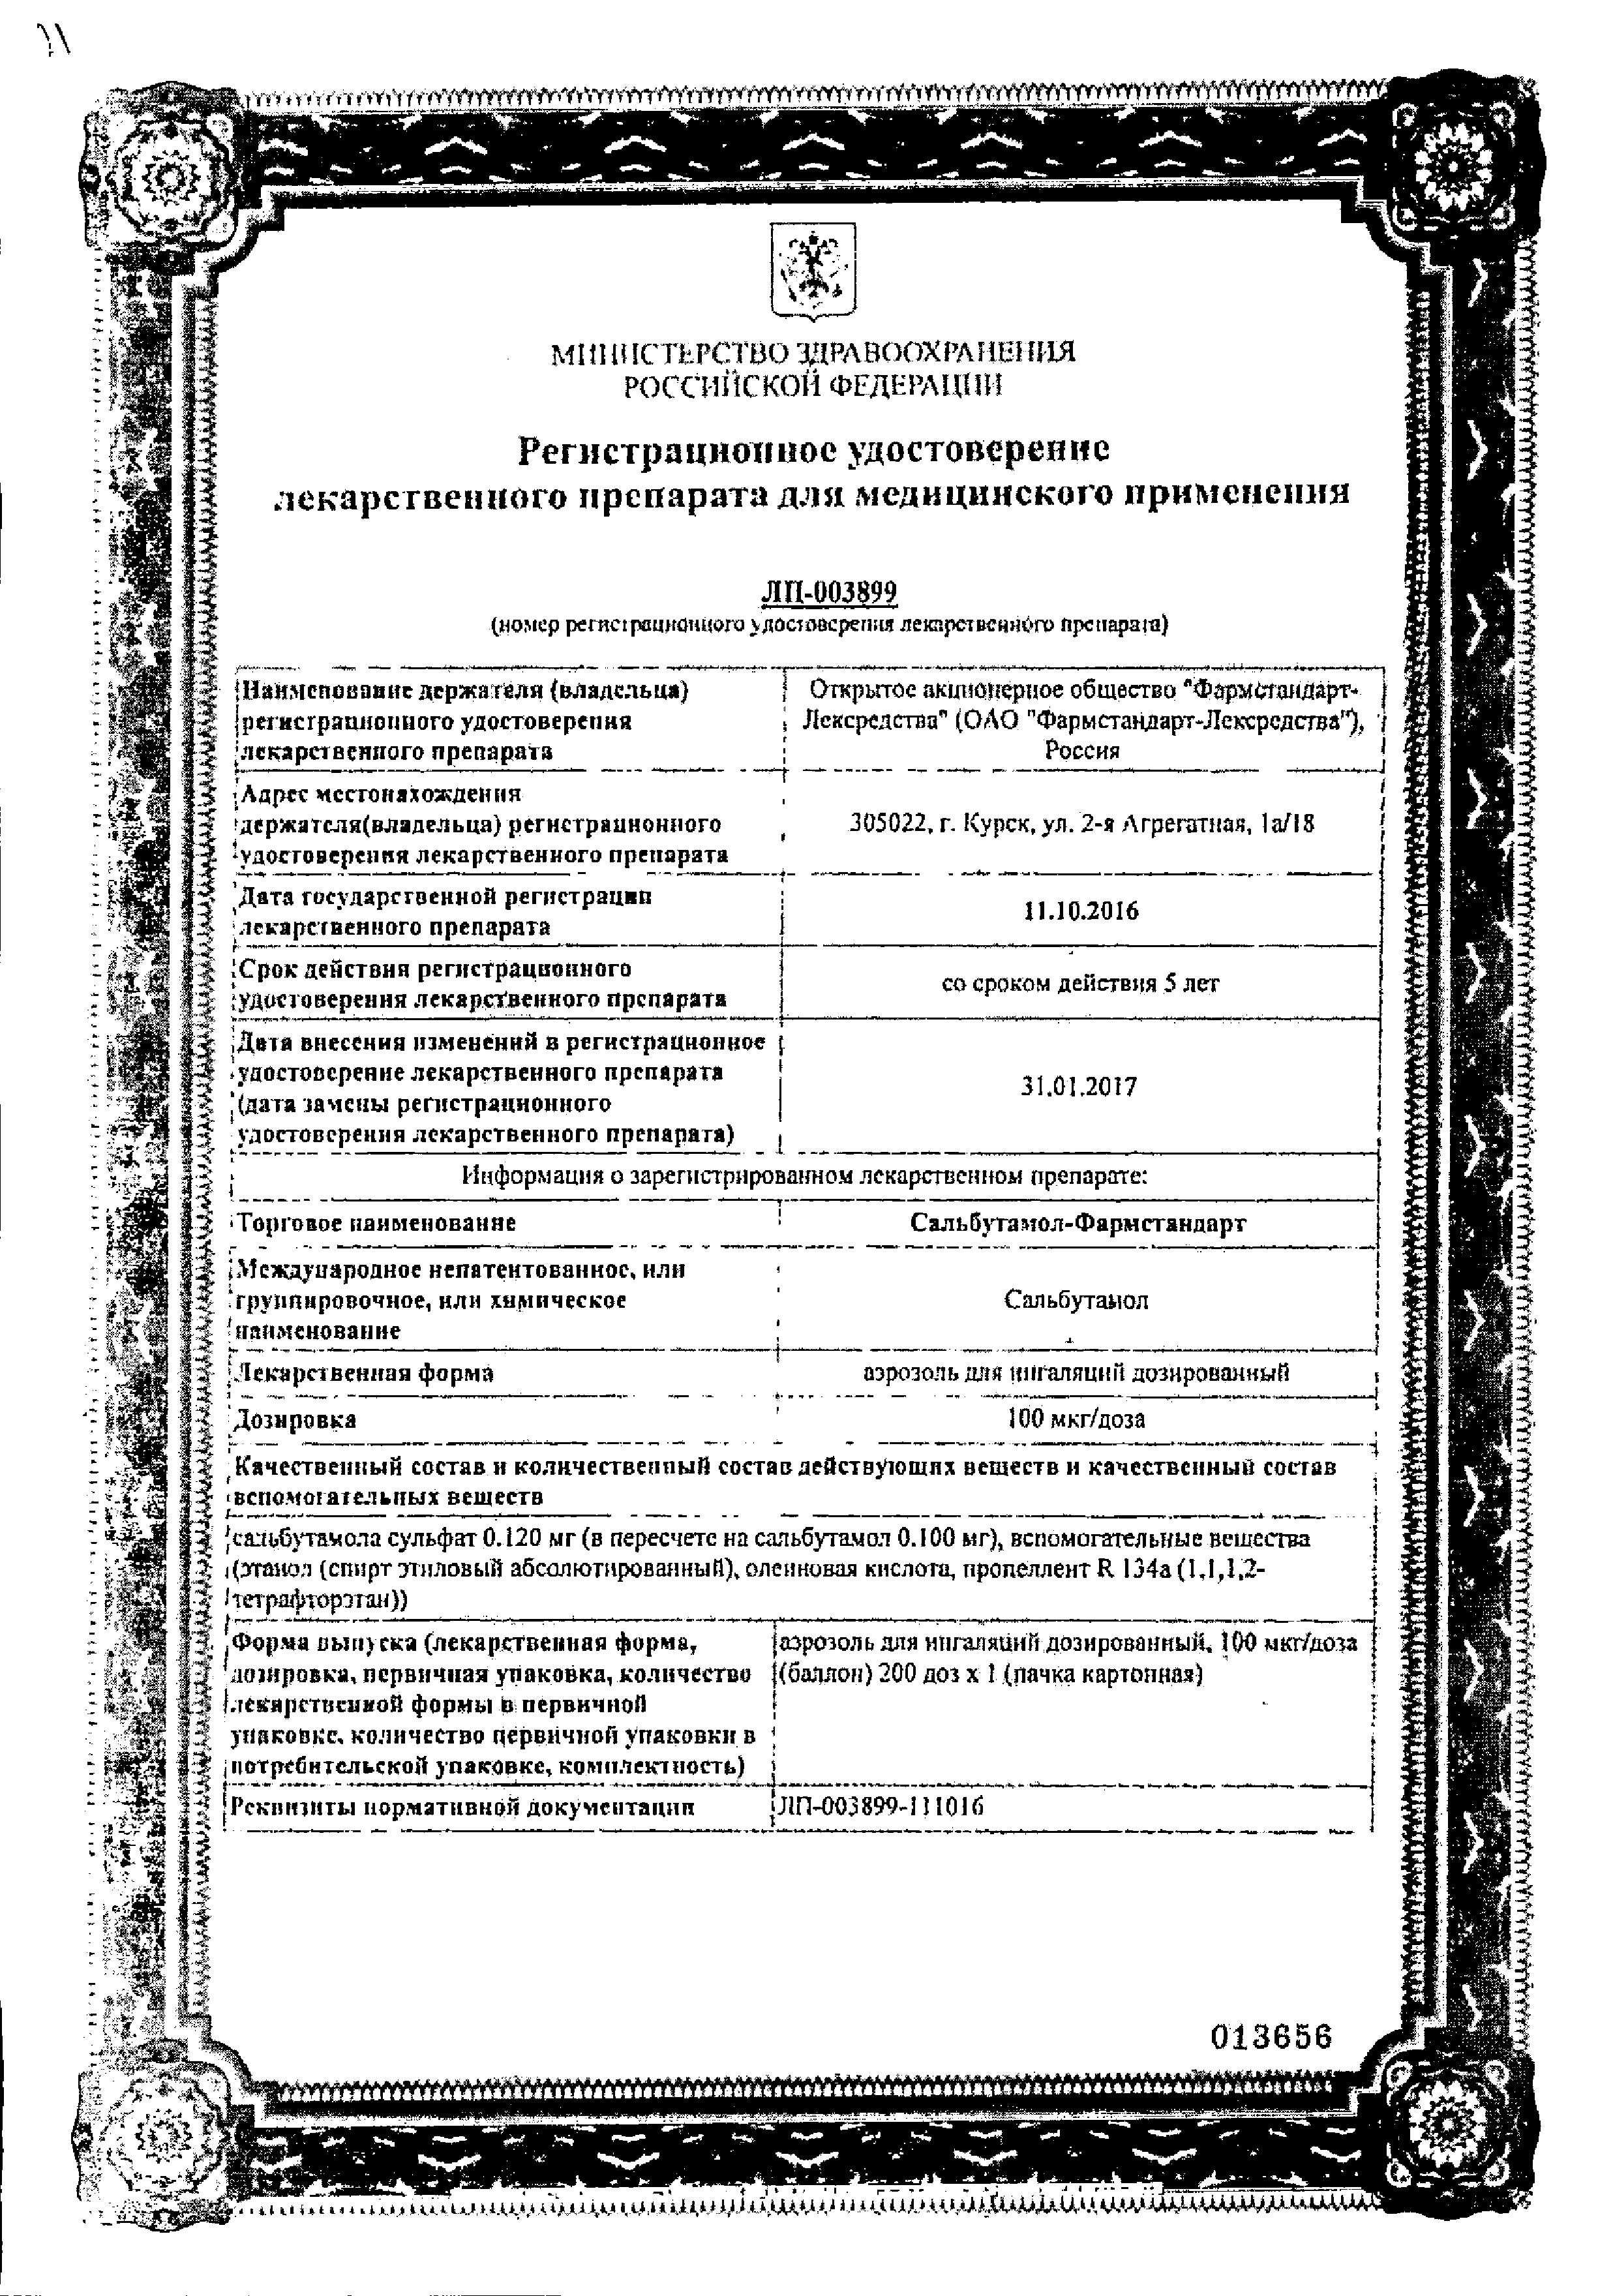 Сальбутамол-Фармстандарт сертификат